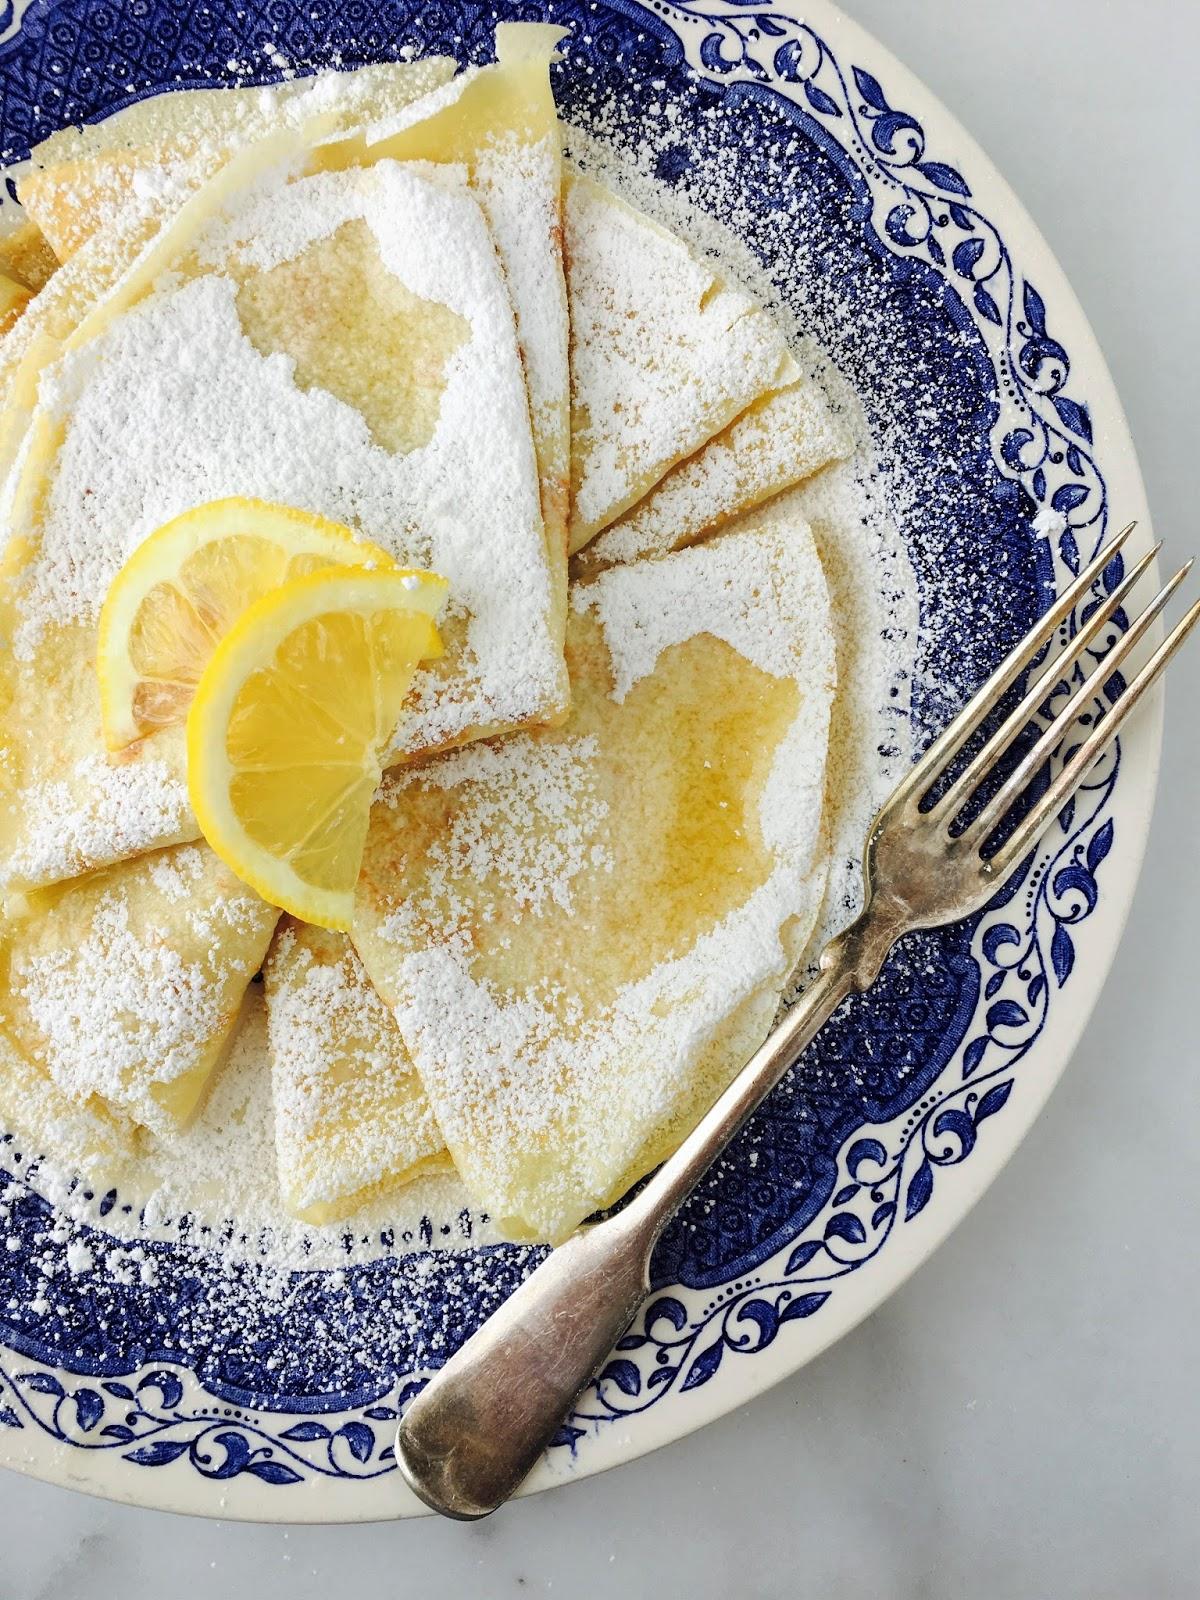 sweetsugarbean: Ushering in Spring: Swedish Pancakes with Lemon